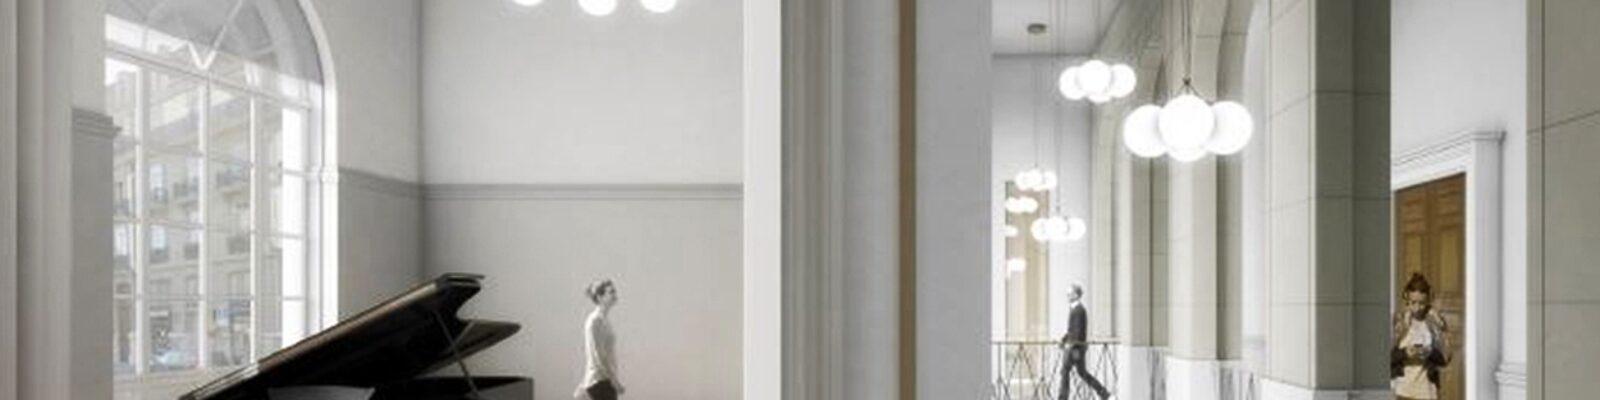 Conservatoire de Musique in Svizzera dettagli architettonici - illuminazione interni